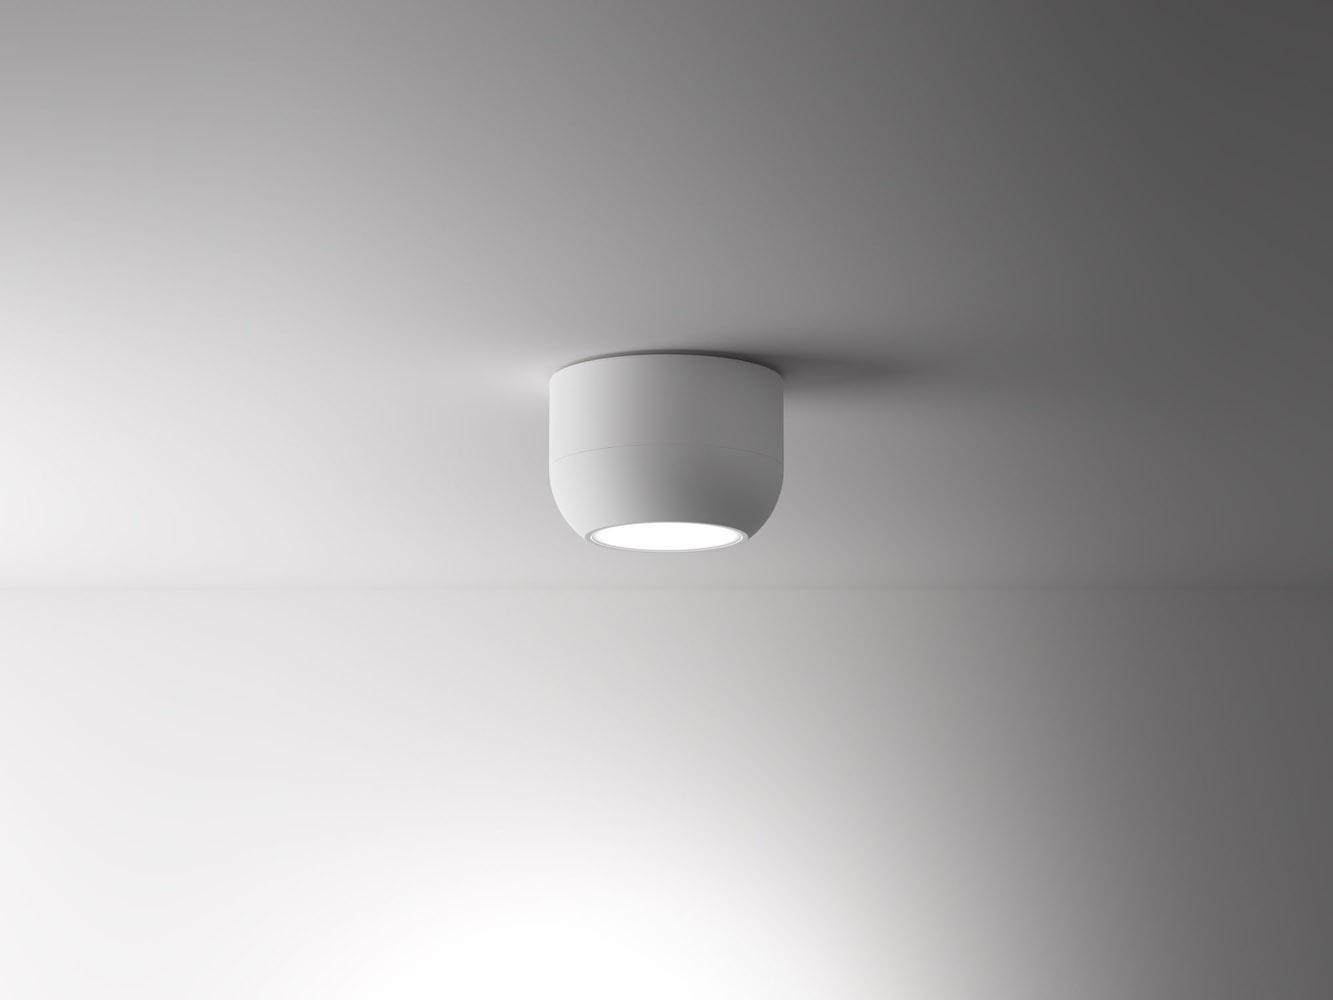 Geometrische Led-Deckenleuchte Urban Axo Light - DSLampen.at ...